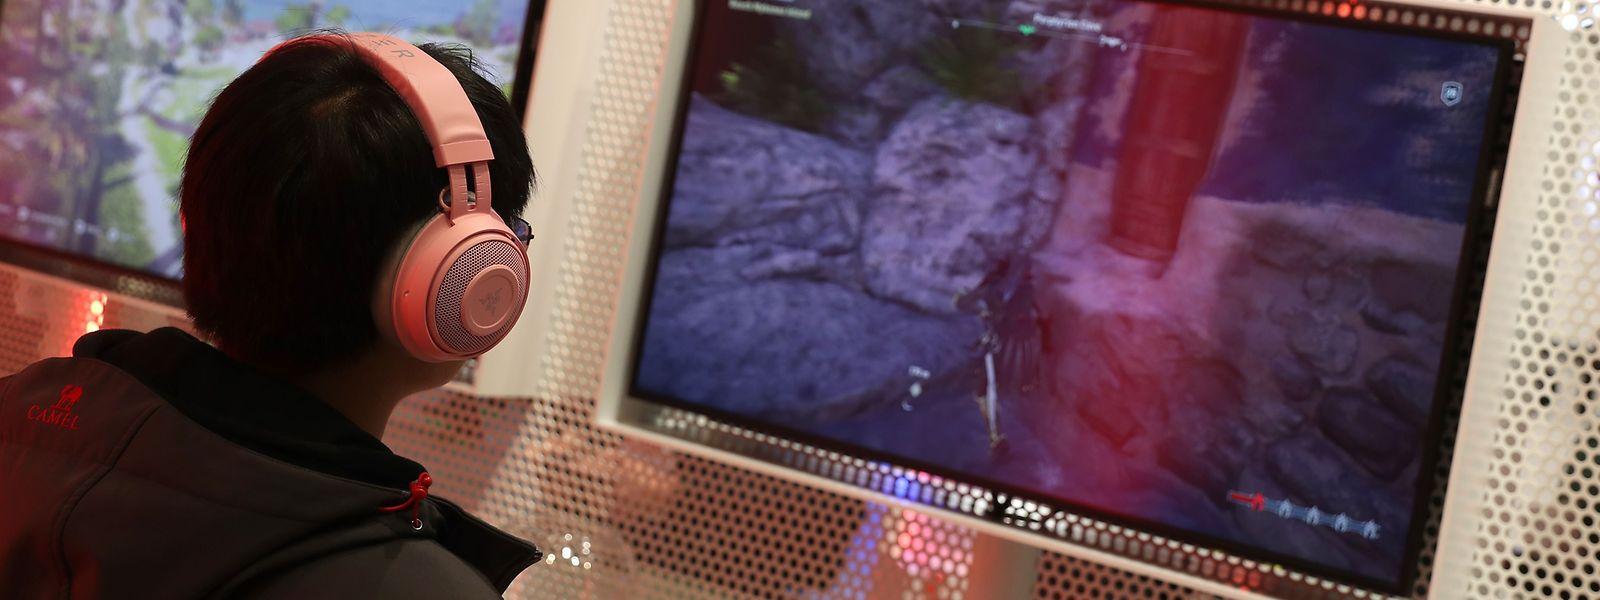 Auf der GDC Game Entwicklerkonferenz in San Francisco kann man Stadia dieser Tage testen.